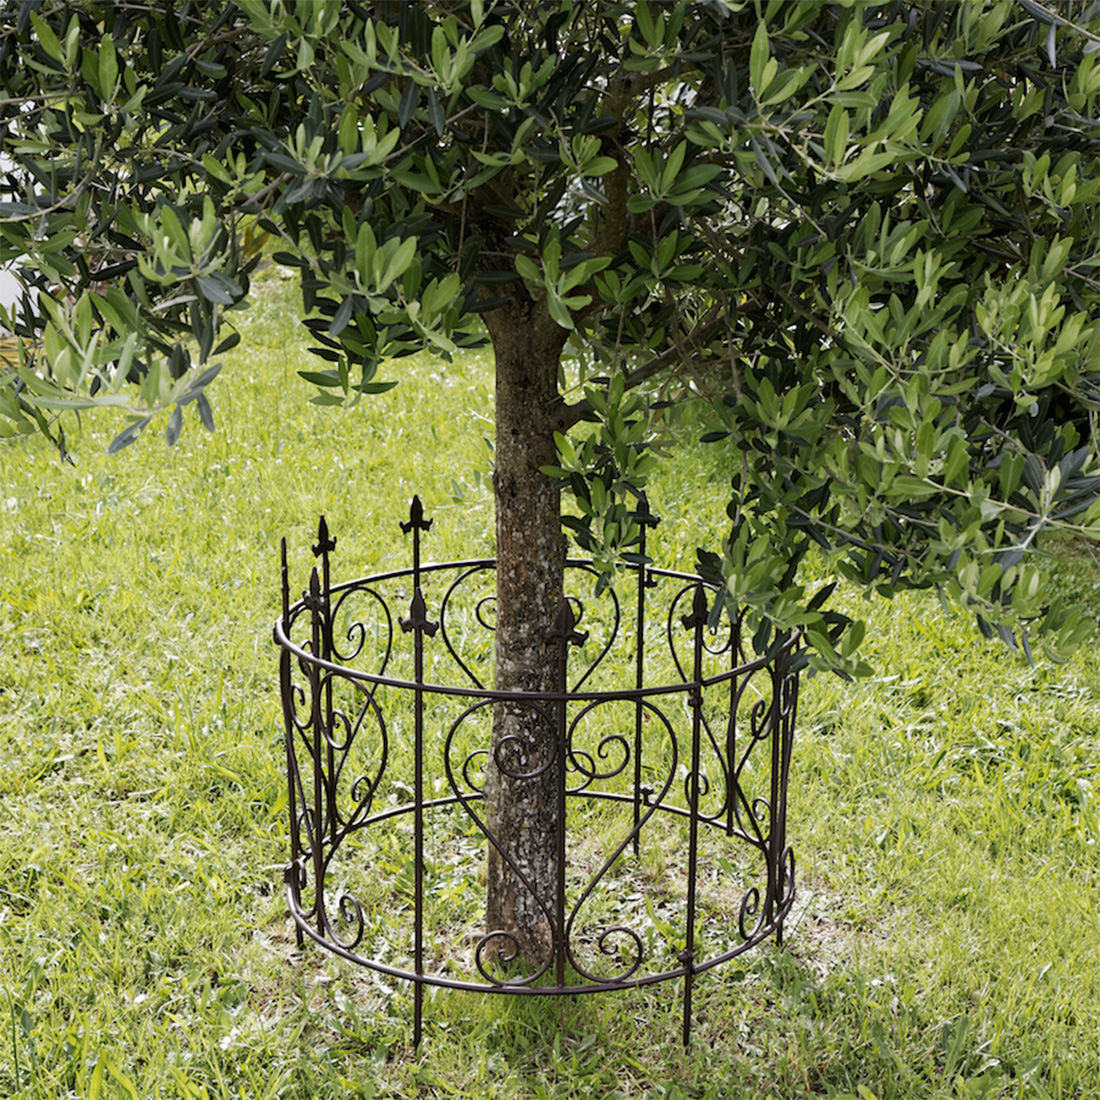 Bordures de jardin en metal nouveaux mod les de maison for Bordures de jardin